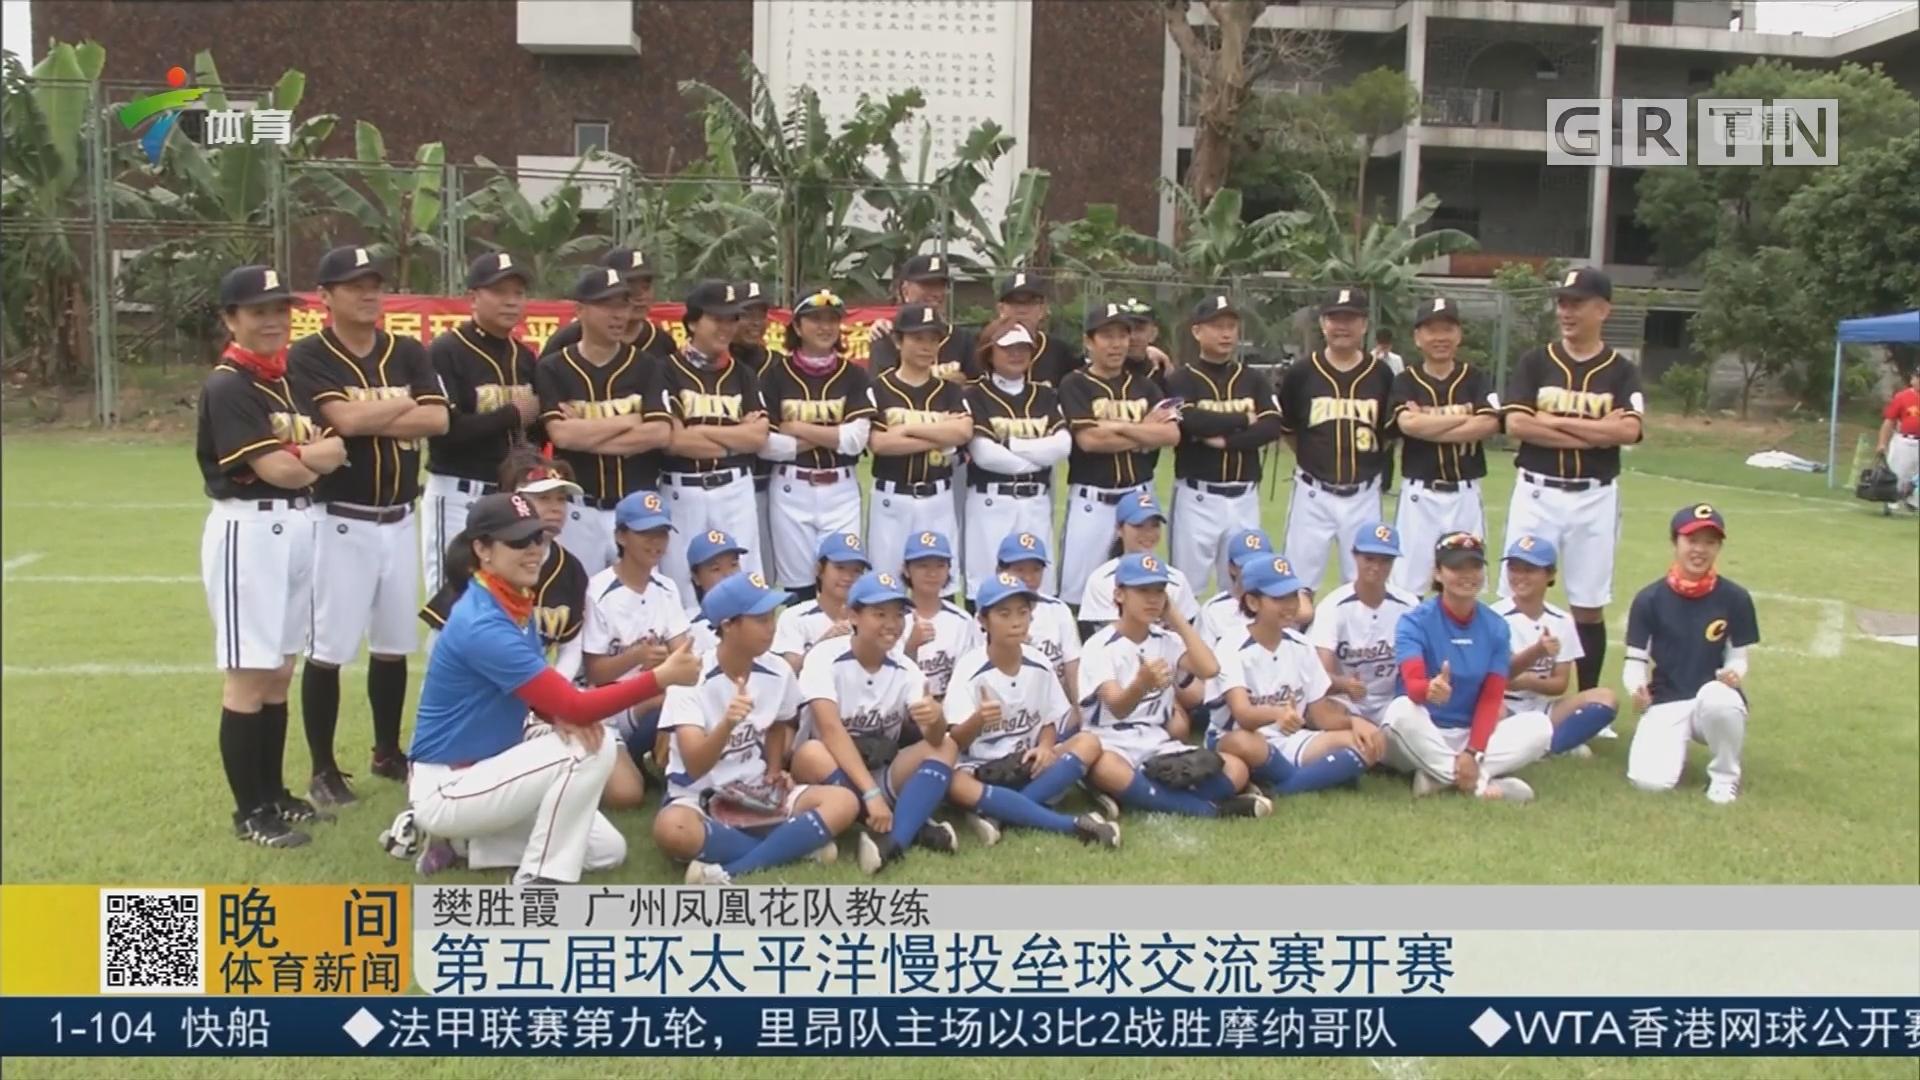 第五届环太平洋慢投垒球交流赛开赛